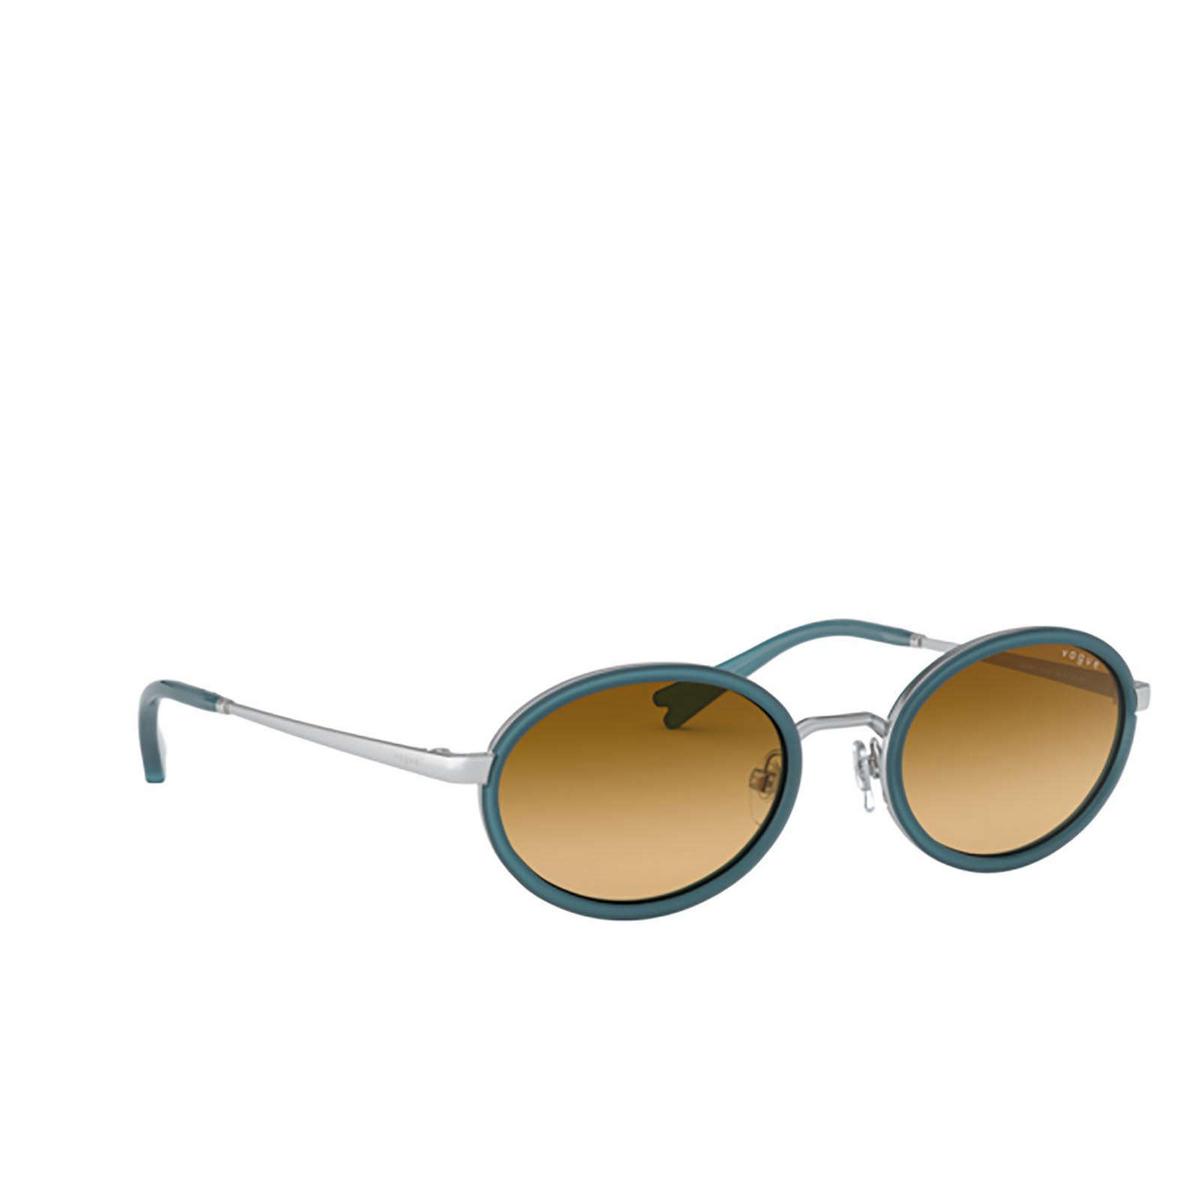 Vogue® Oval Sunglasses: VO4167S color Silver 51232L - 2/3.